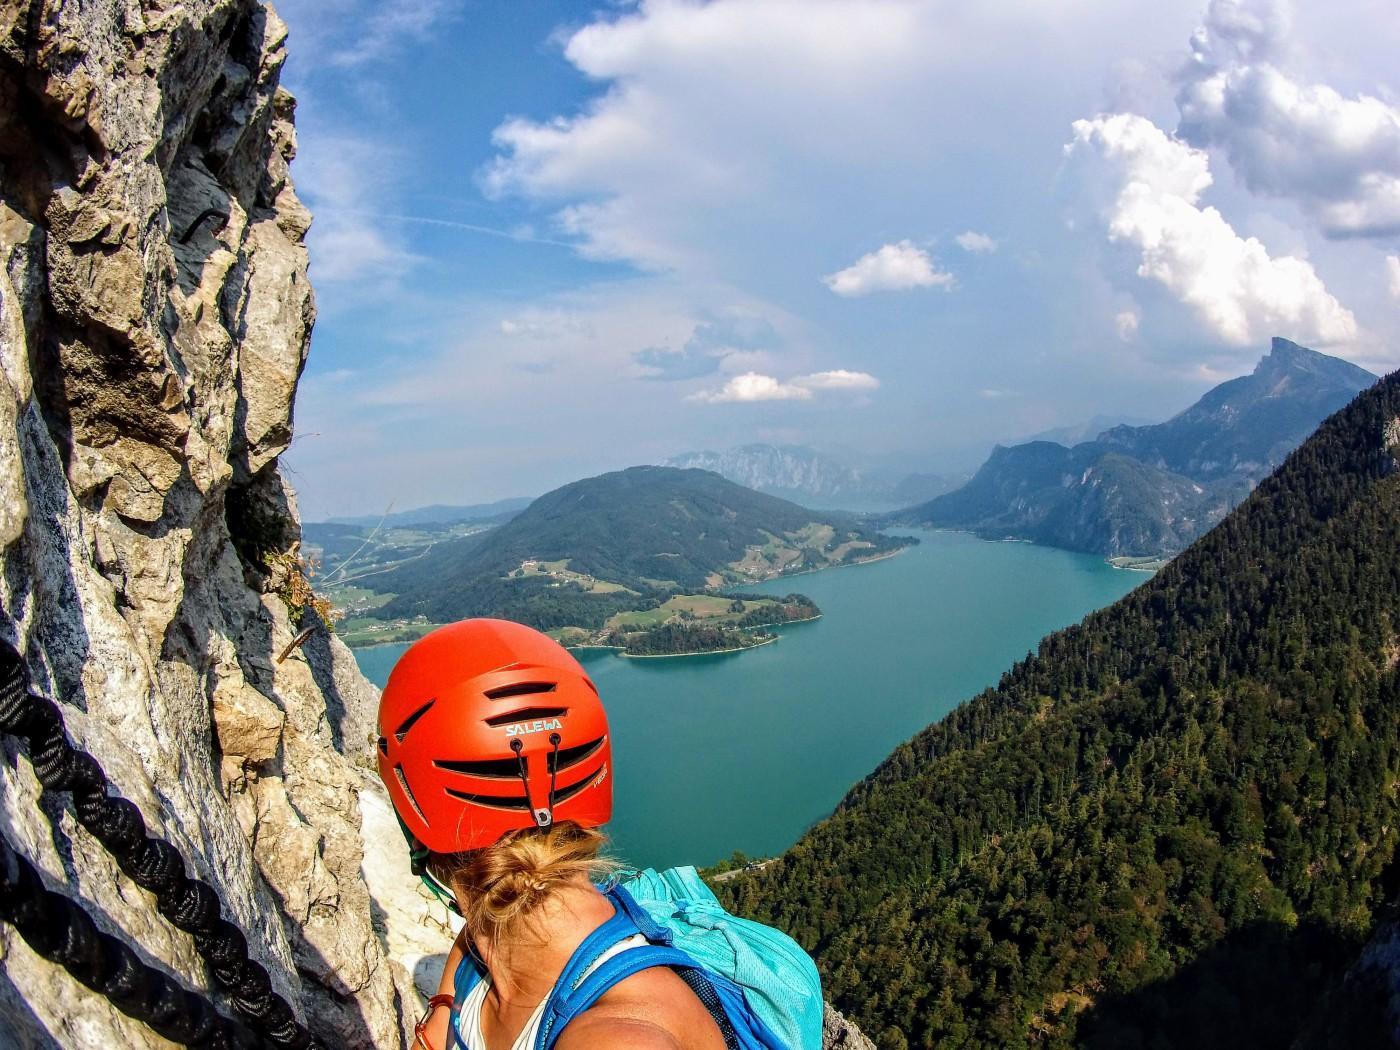 Klettersteigset Komplett : Drachenwand klettersteig mondsee u2013 bergseensucht